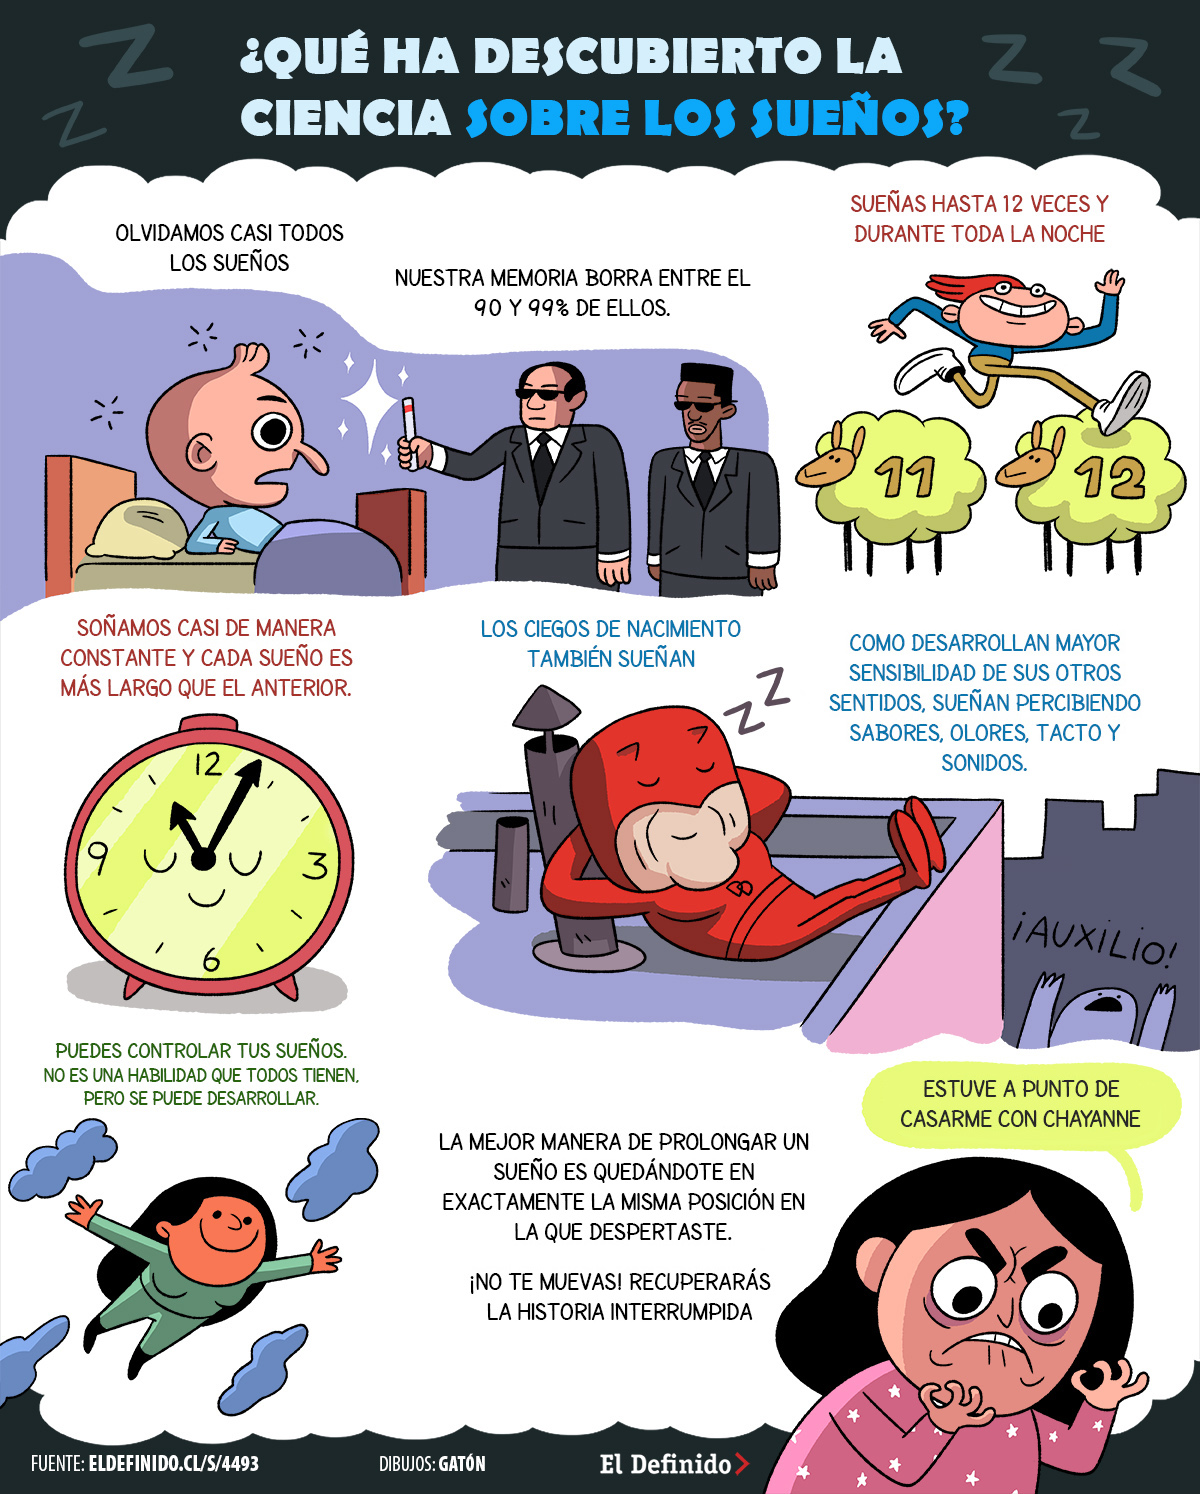 15 los sueños.jpg